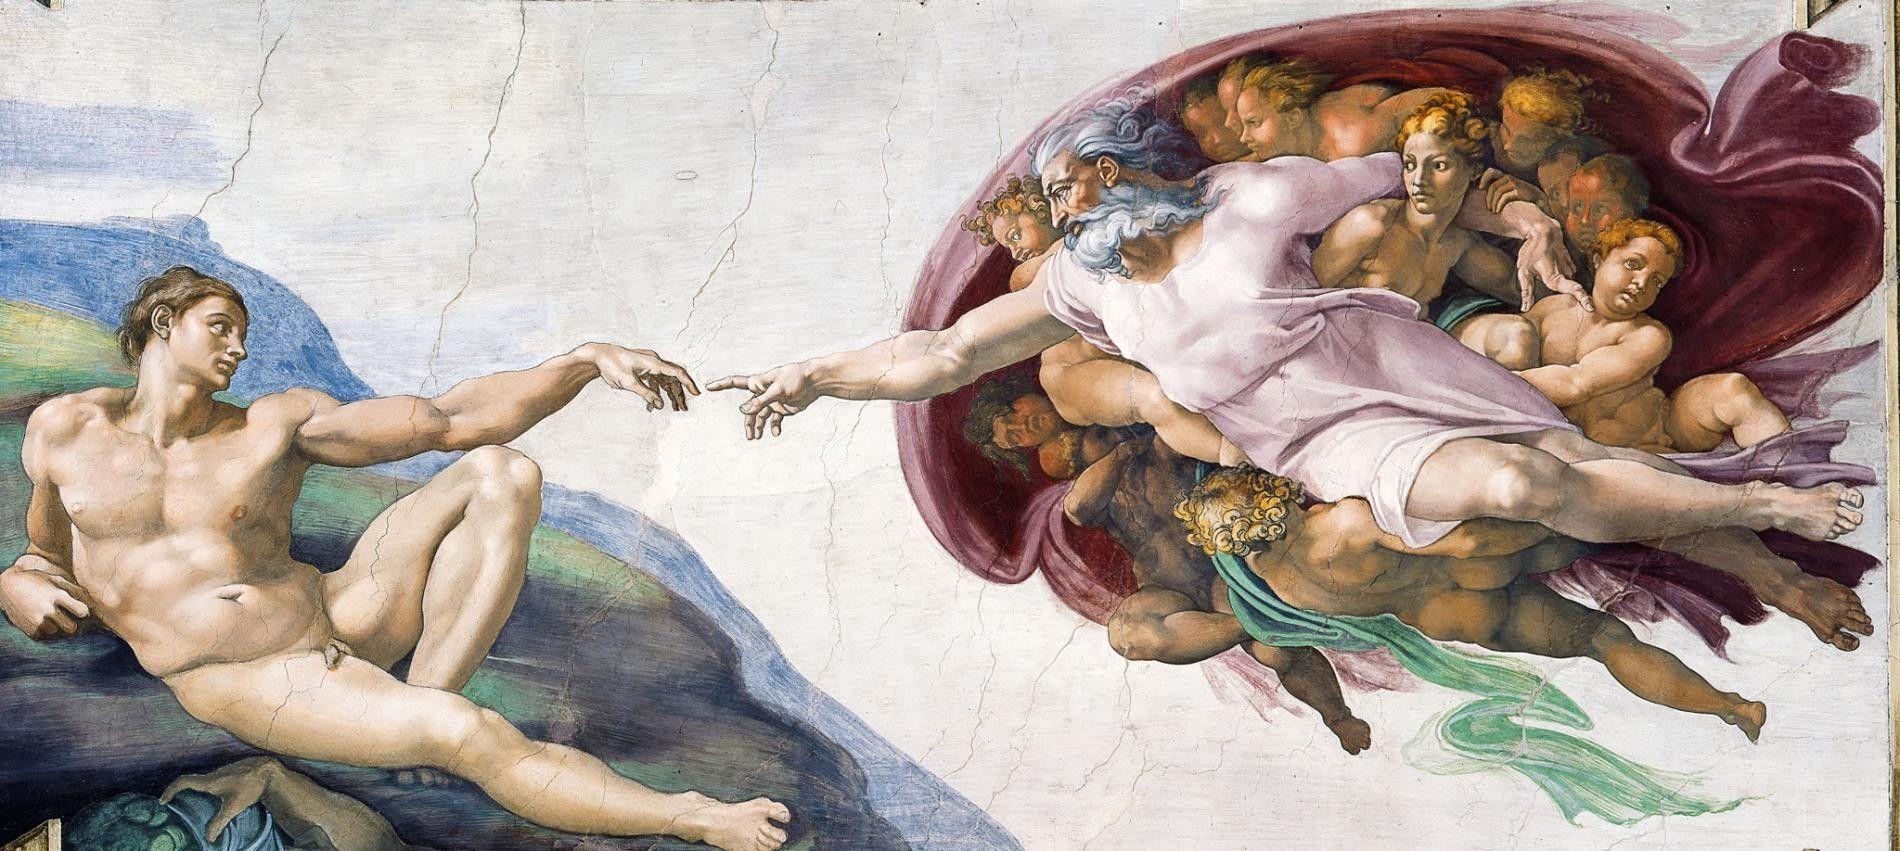 Peindre Une Fresque Sur Un Mur la chapelle sixtine, le chef-d'œuvre de michel-ange